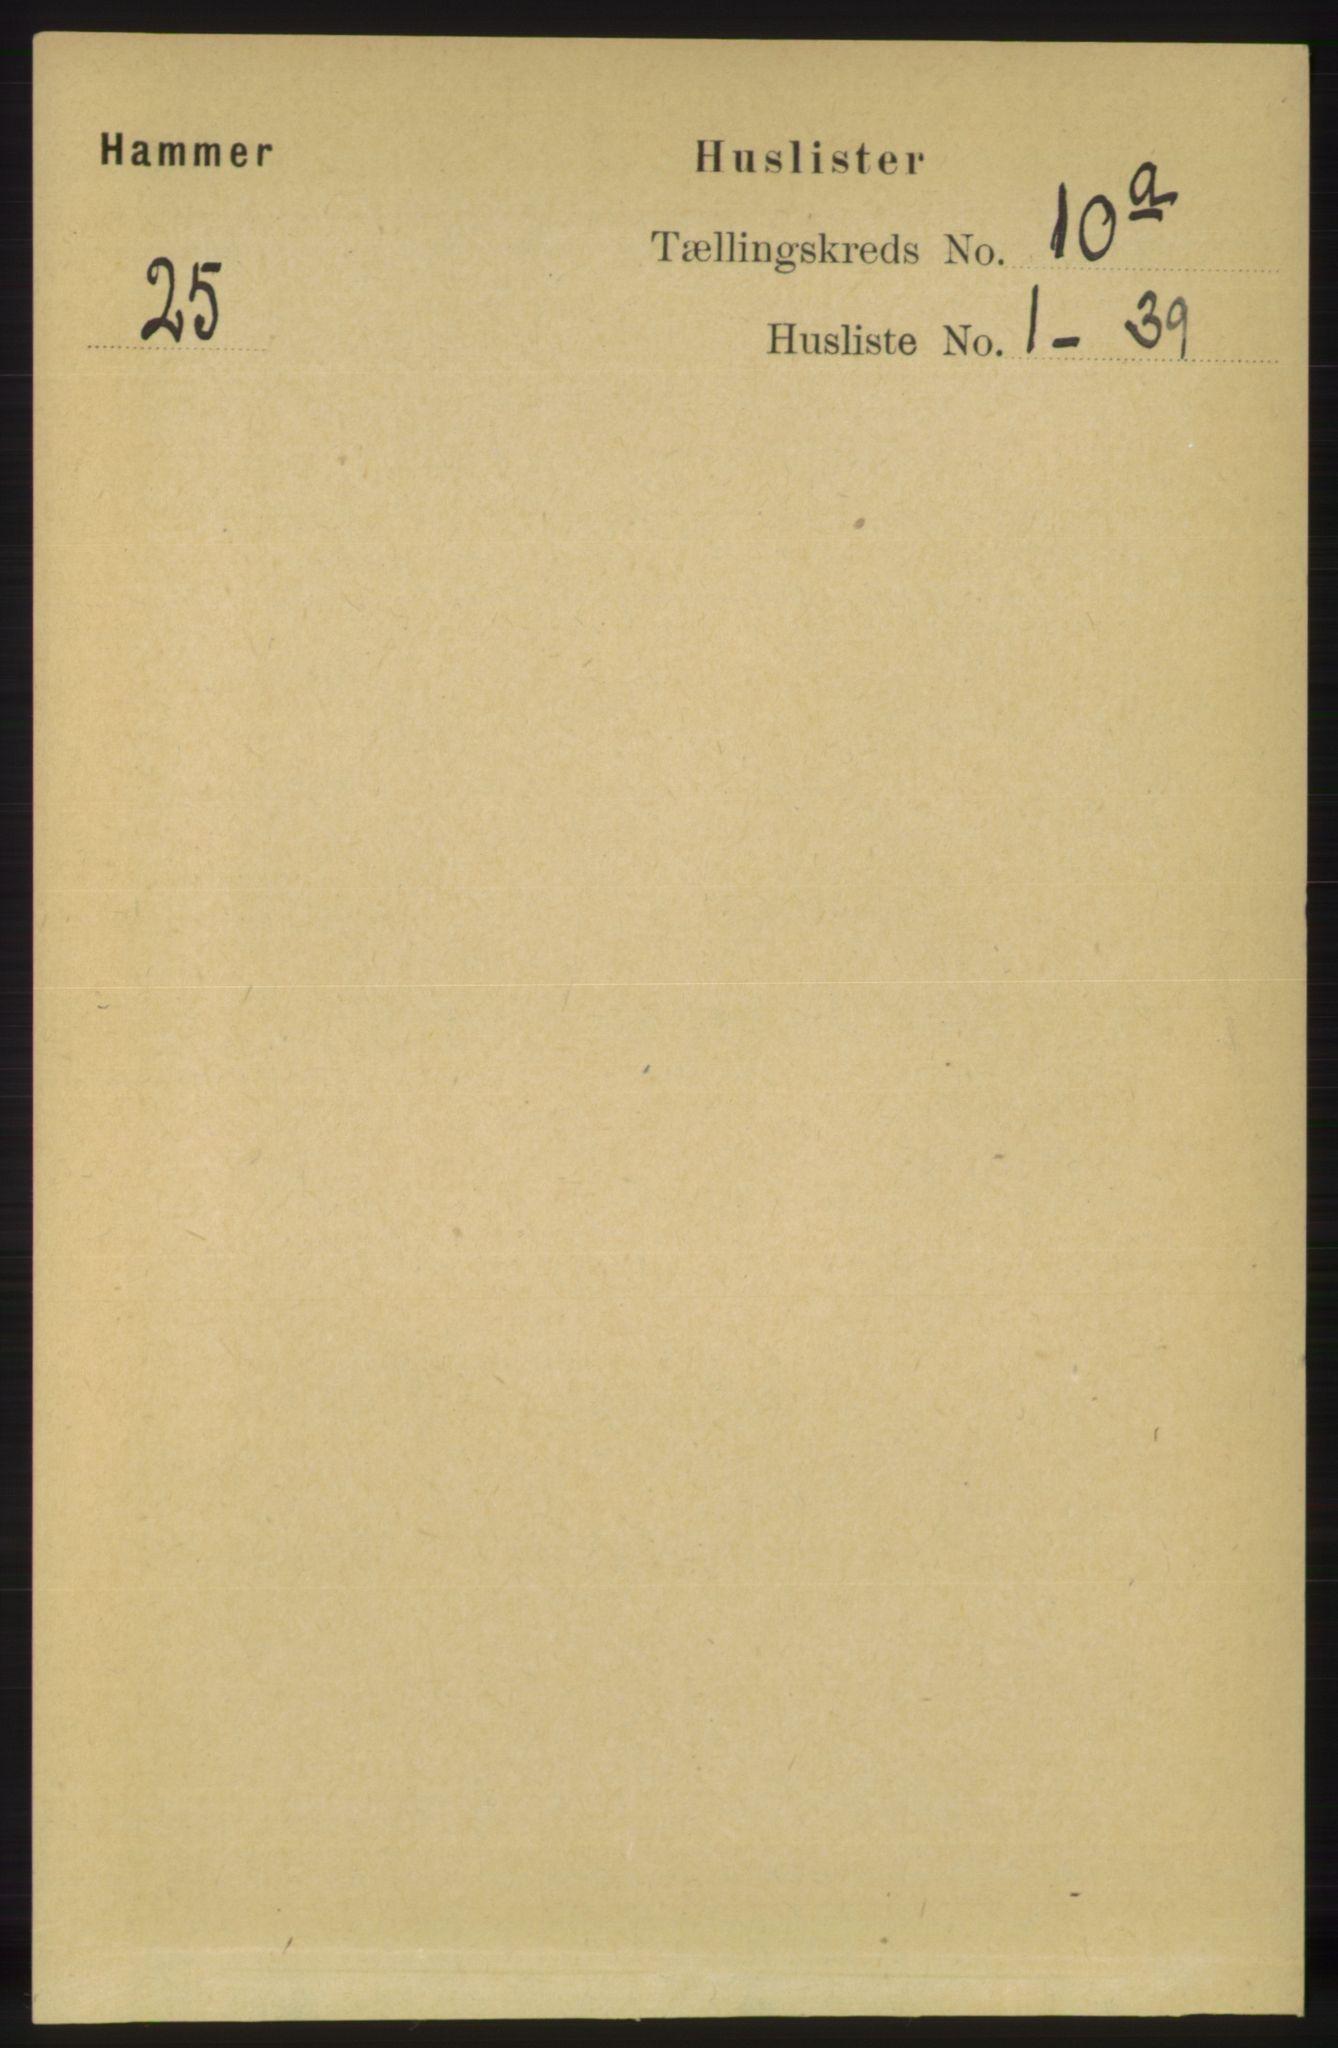 RA, Folketelling 1891 for 1254 Hamre herred, 1891, s. 2733